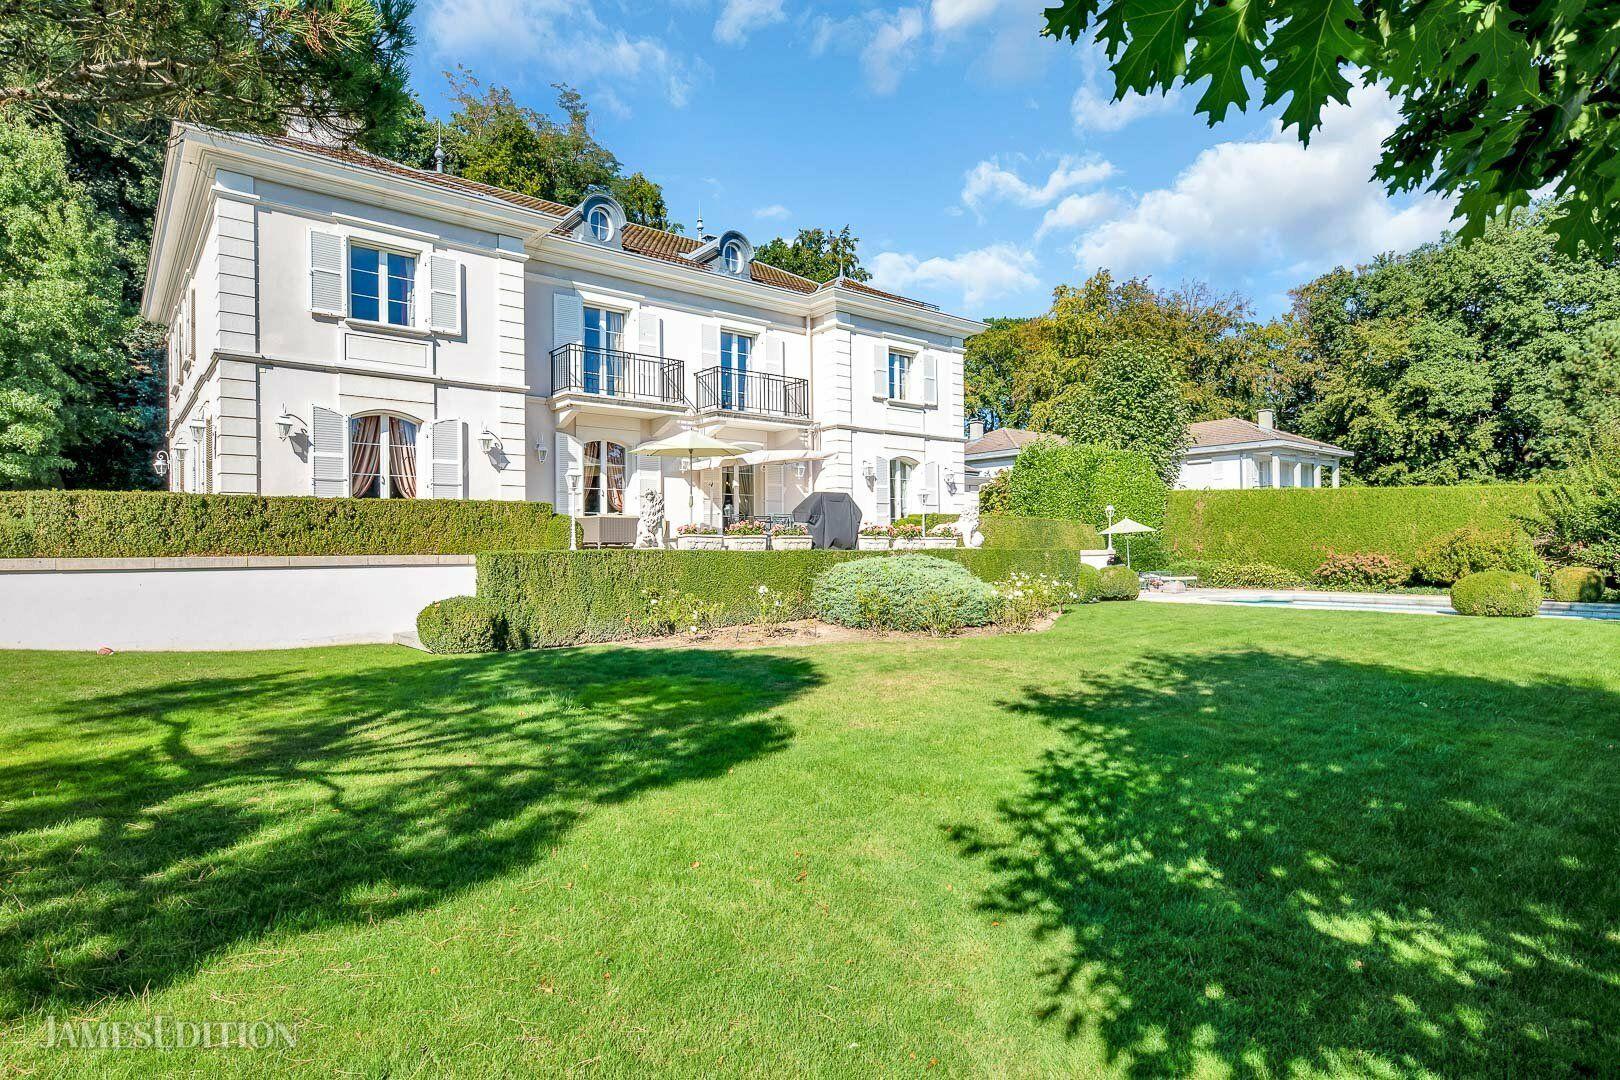 House in Le Mont-sur-Lausanne, Vaud, Switzerland 1